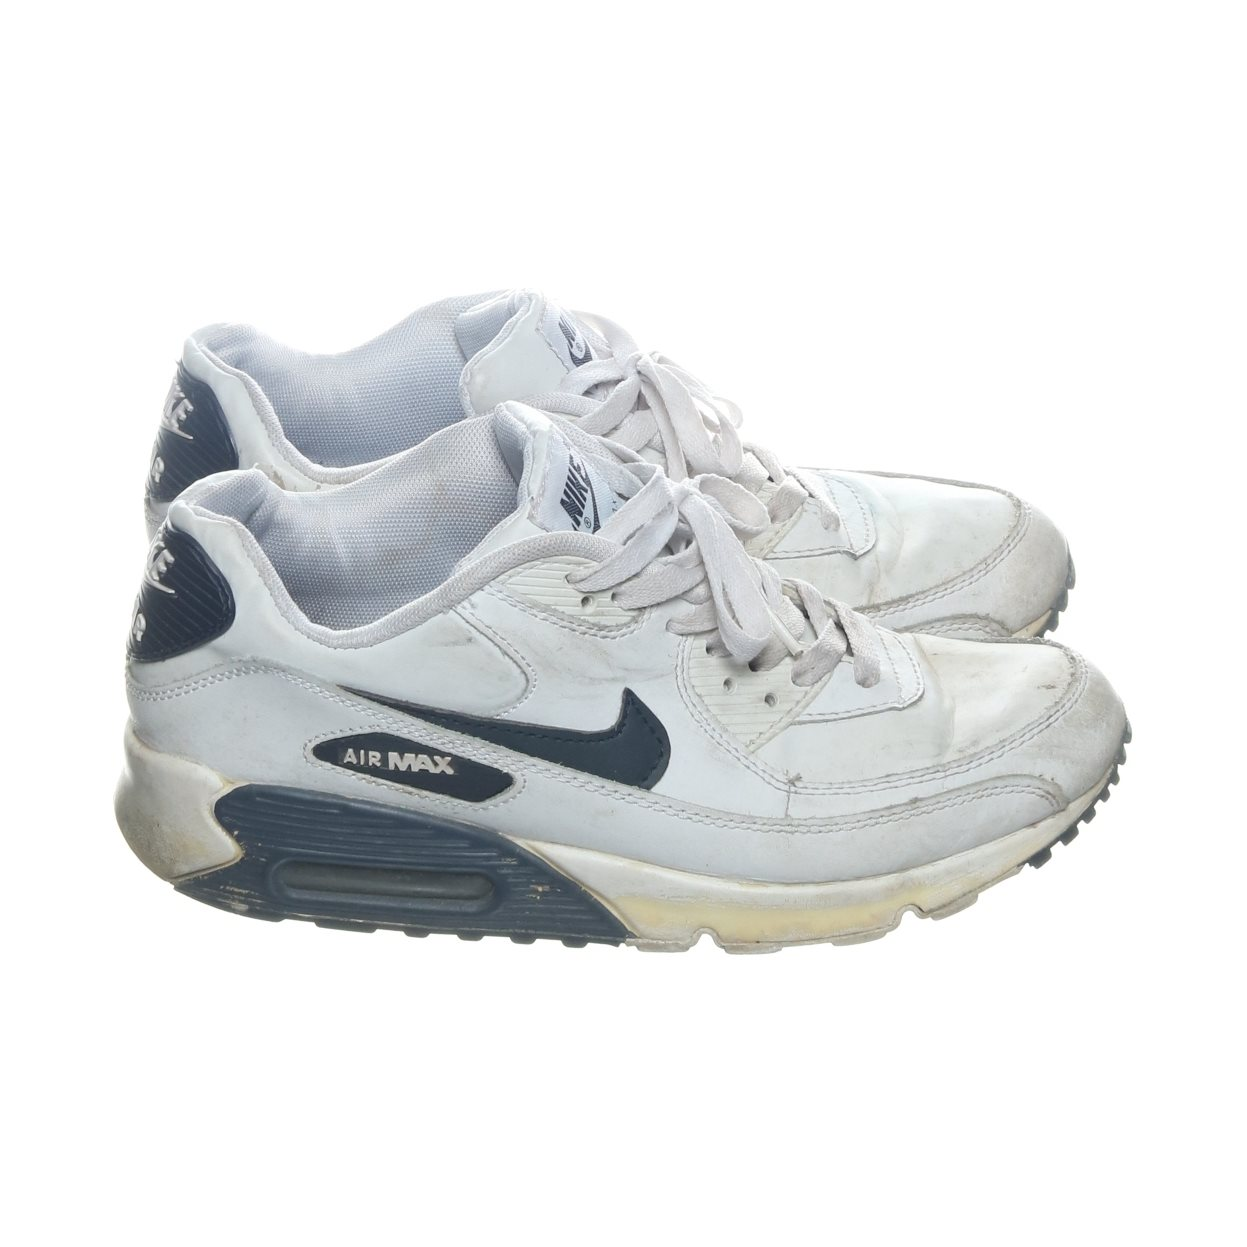 more photos f1faa 42ed4 Nike, Sneakers, Strl  43, Air Max, Vit Blå